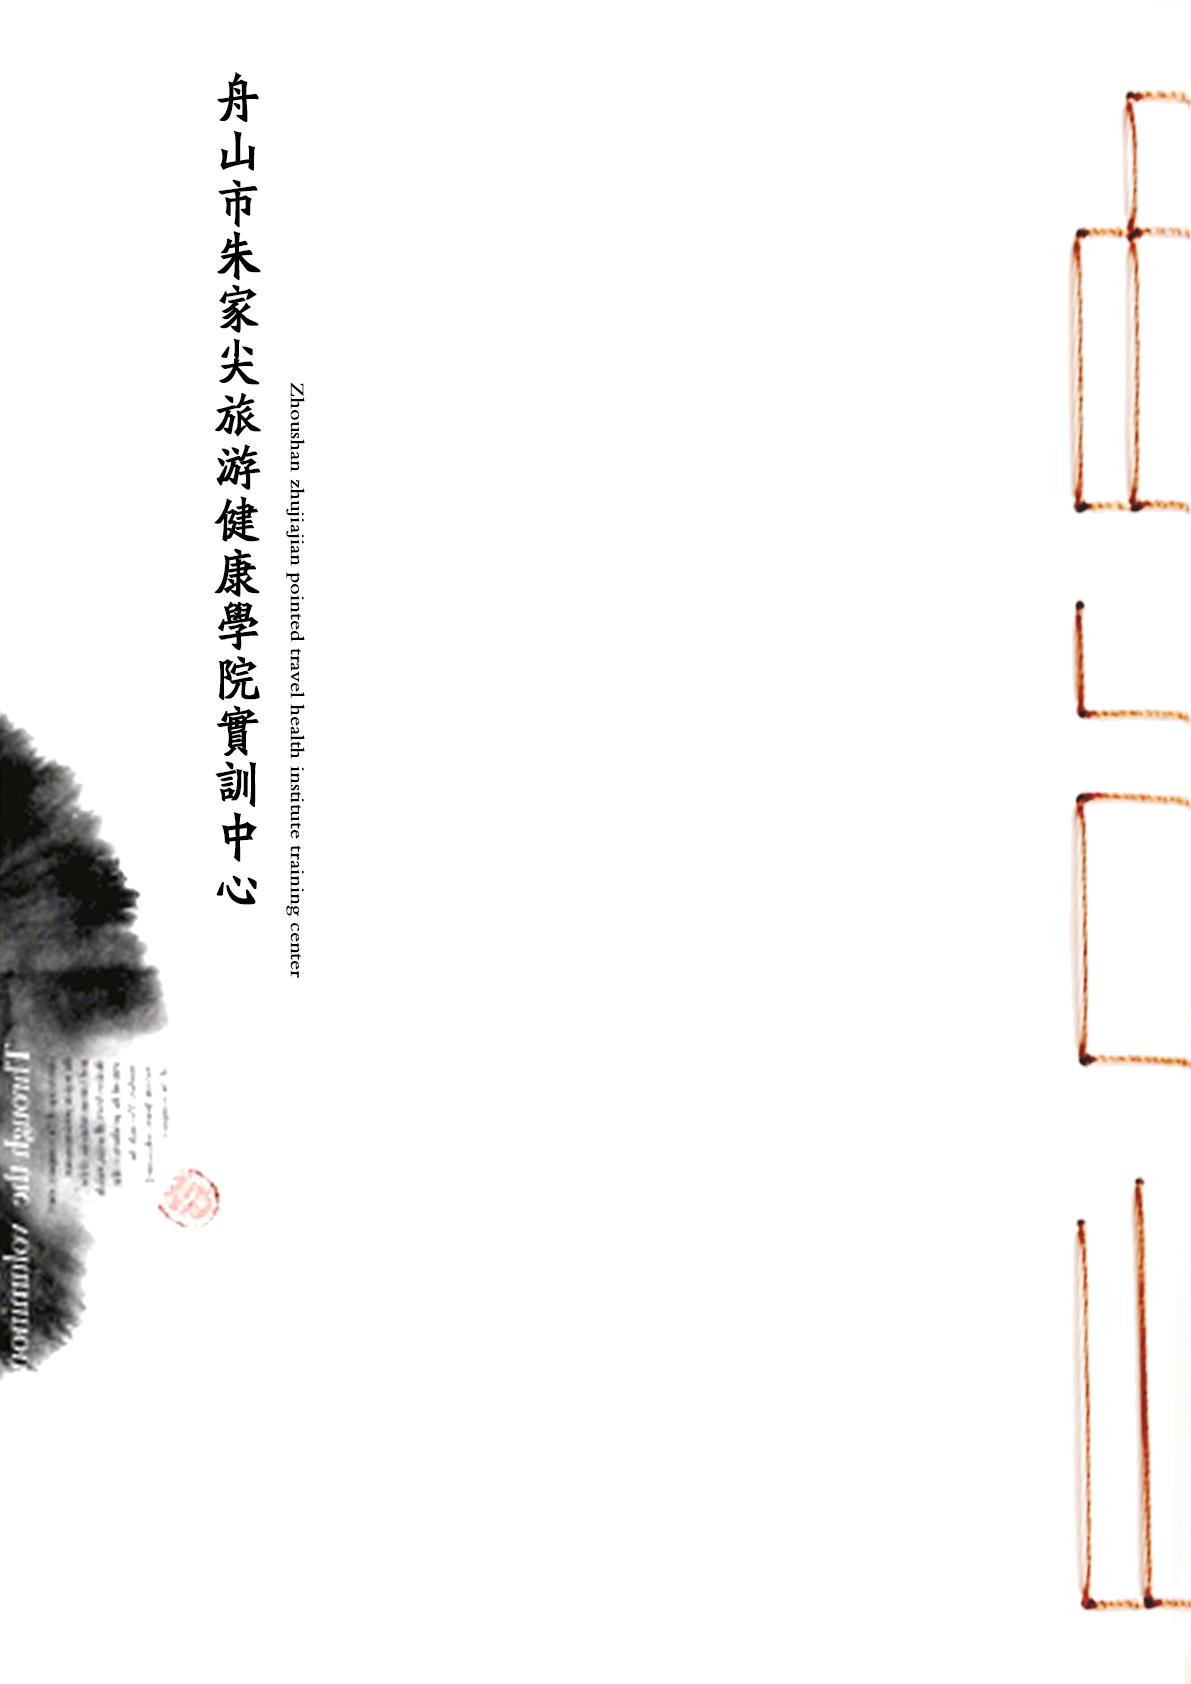 义乌市星汉装饰工程有限公司-中国杰出青年设计师—周竹梵